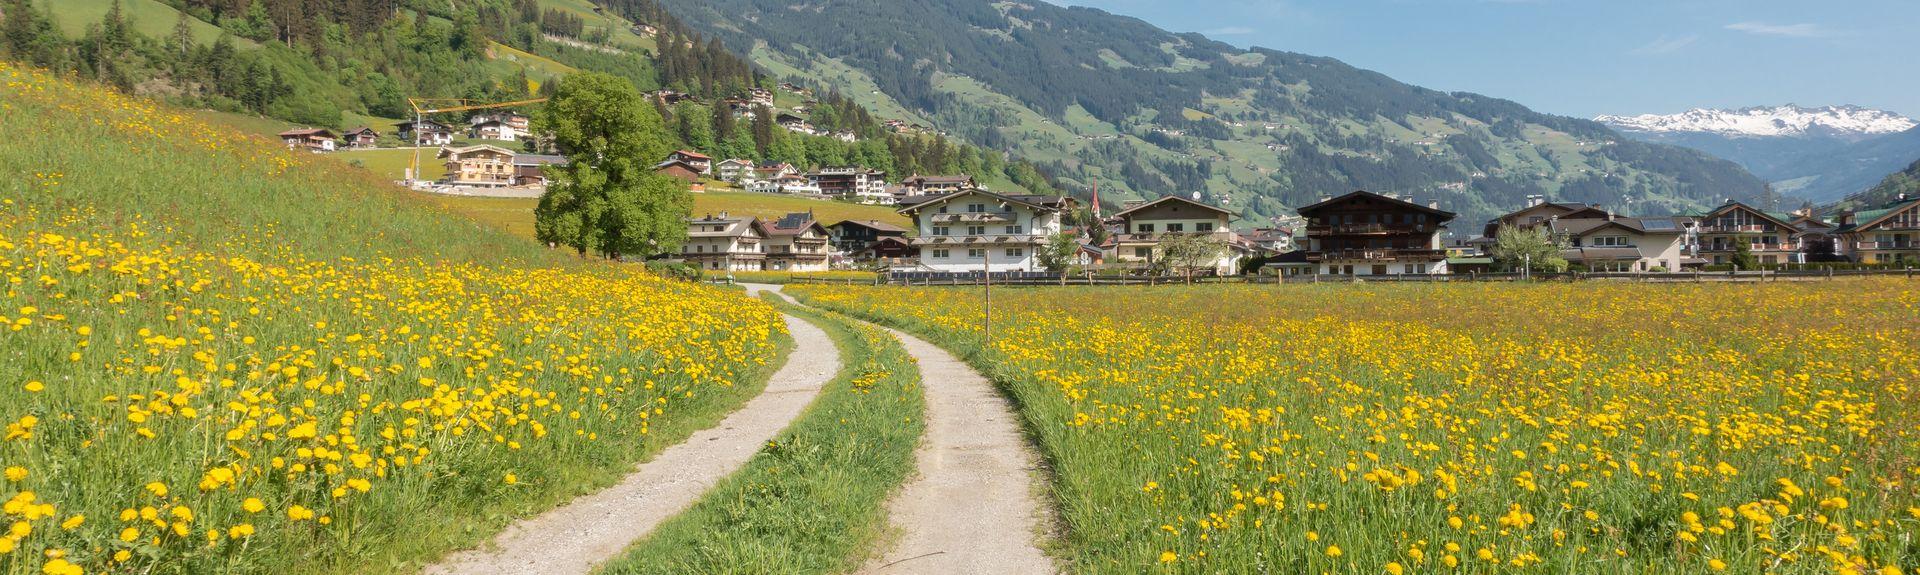 Schwendau, Tyrol, Østrig